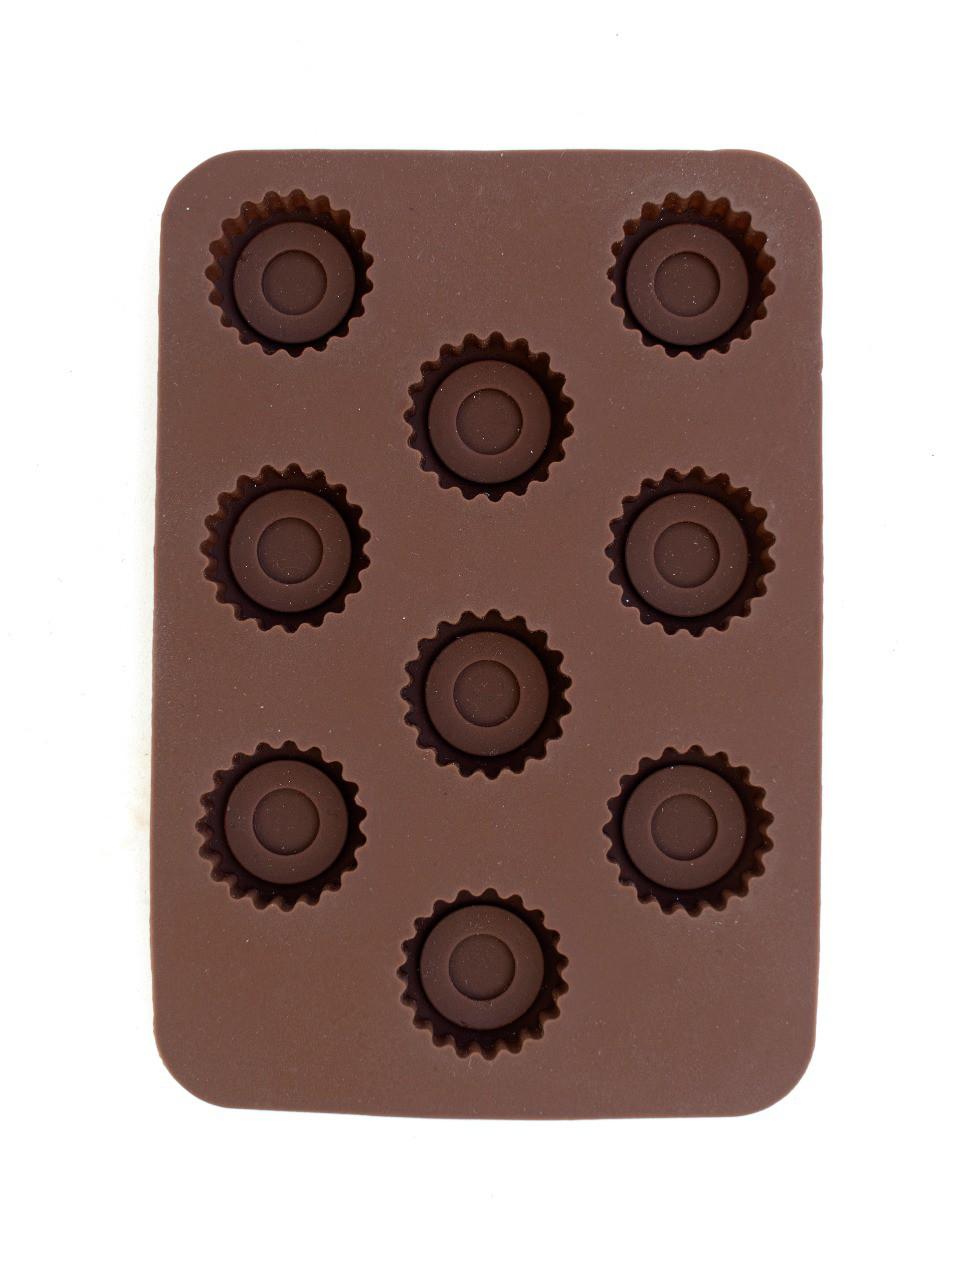 FORMA DE SILICONE PARA BOMBONS DE CHOCOLATE  -  Mothelucci Loja online